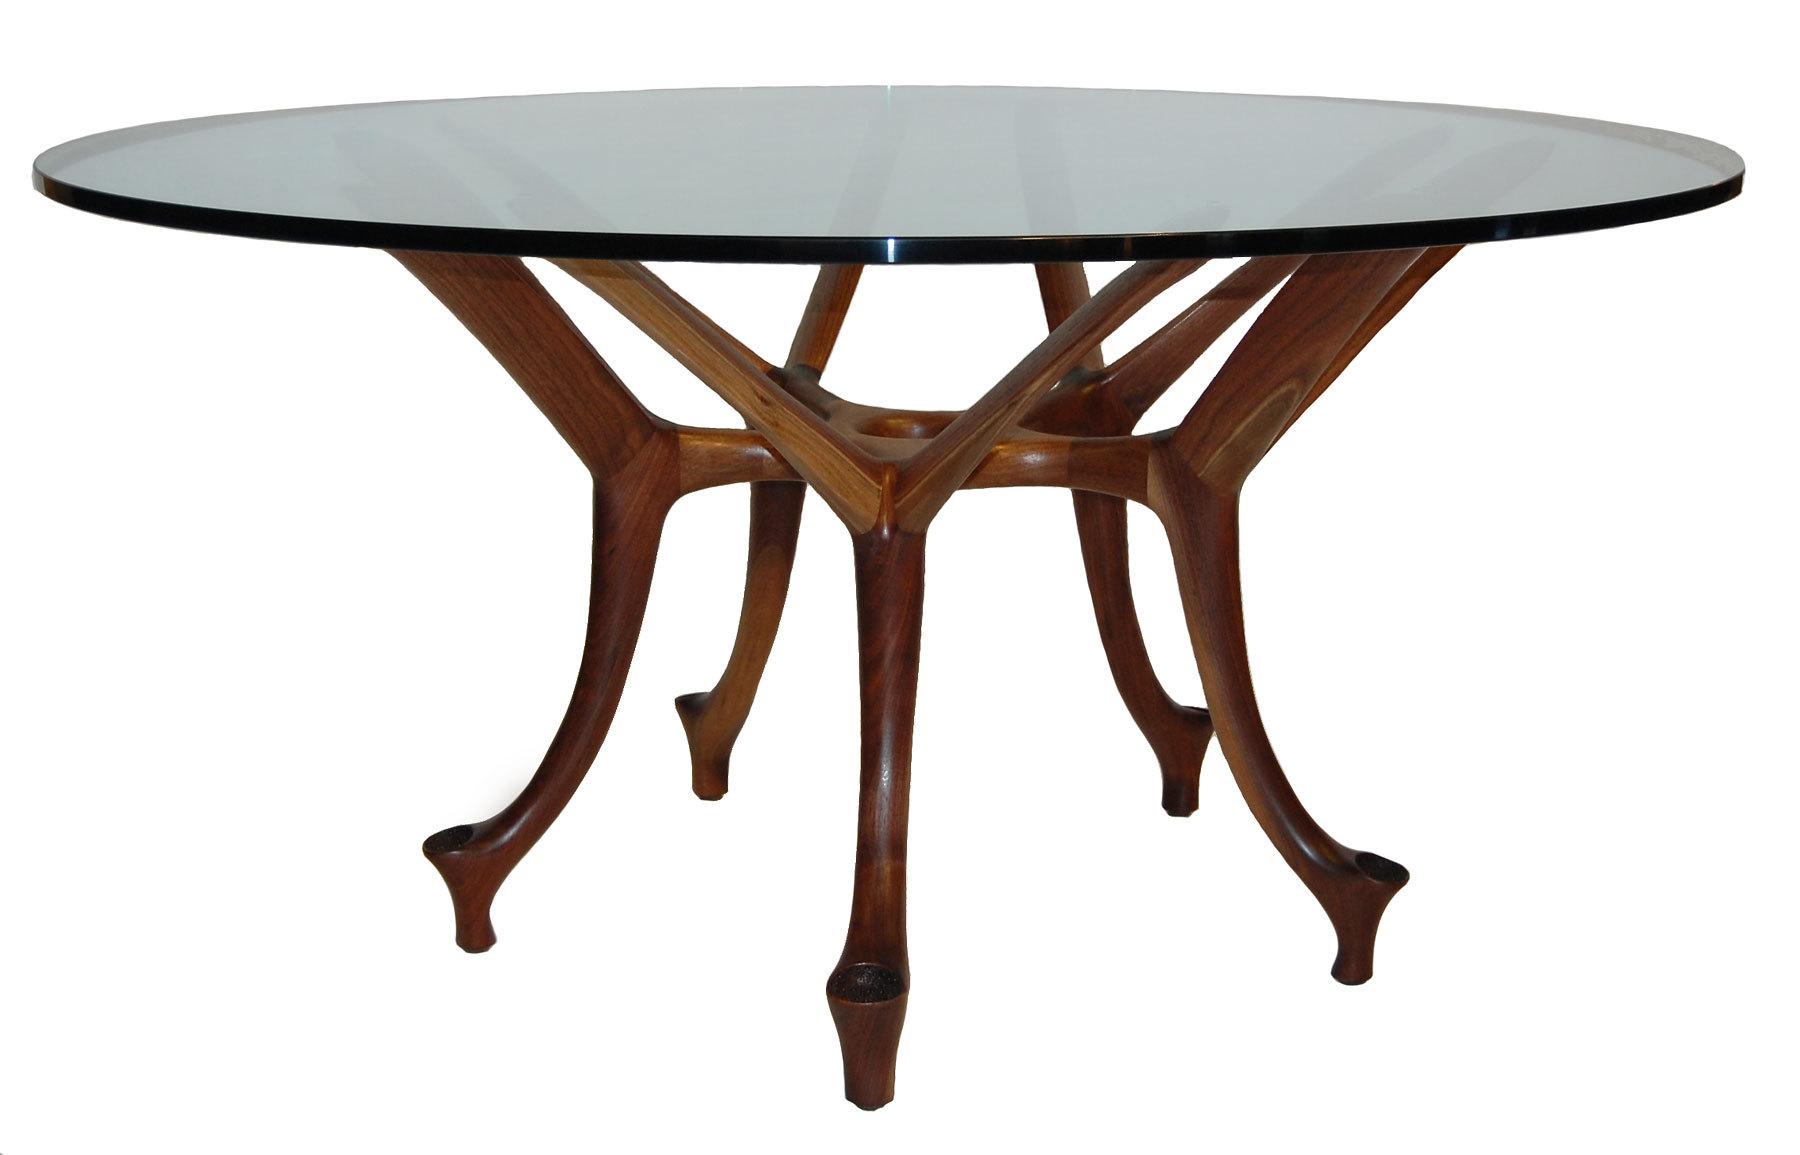 Malabar table